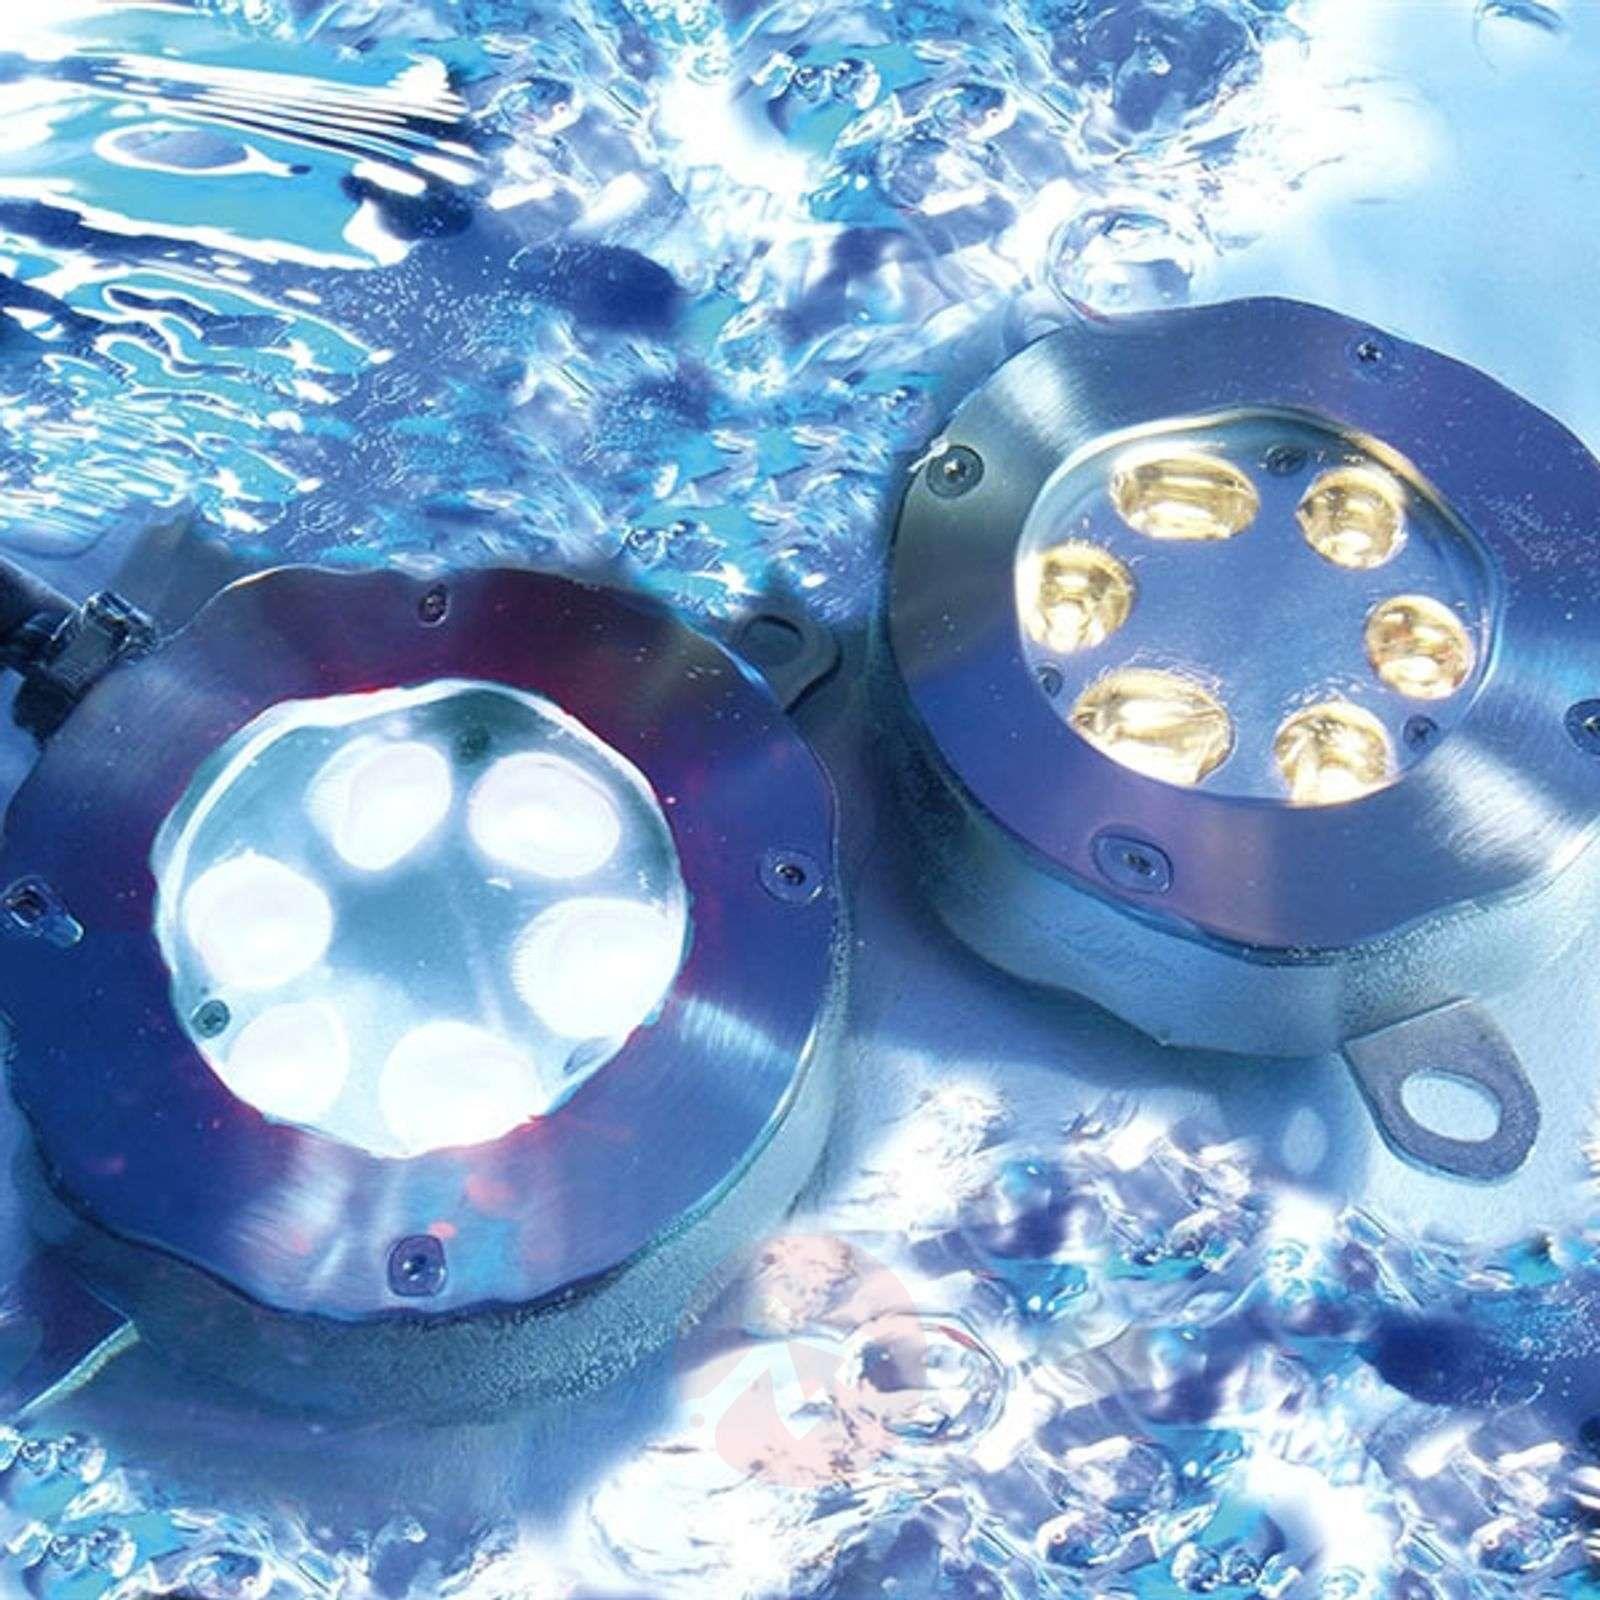 LED underwater recessed floor light-2501768X-03